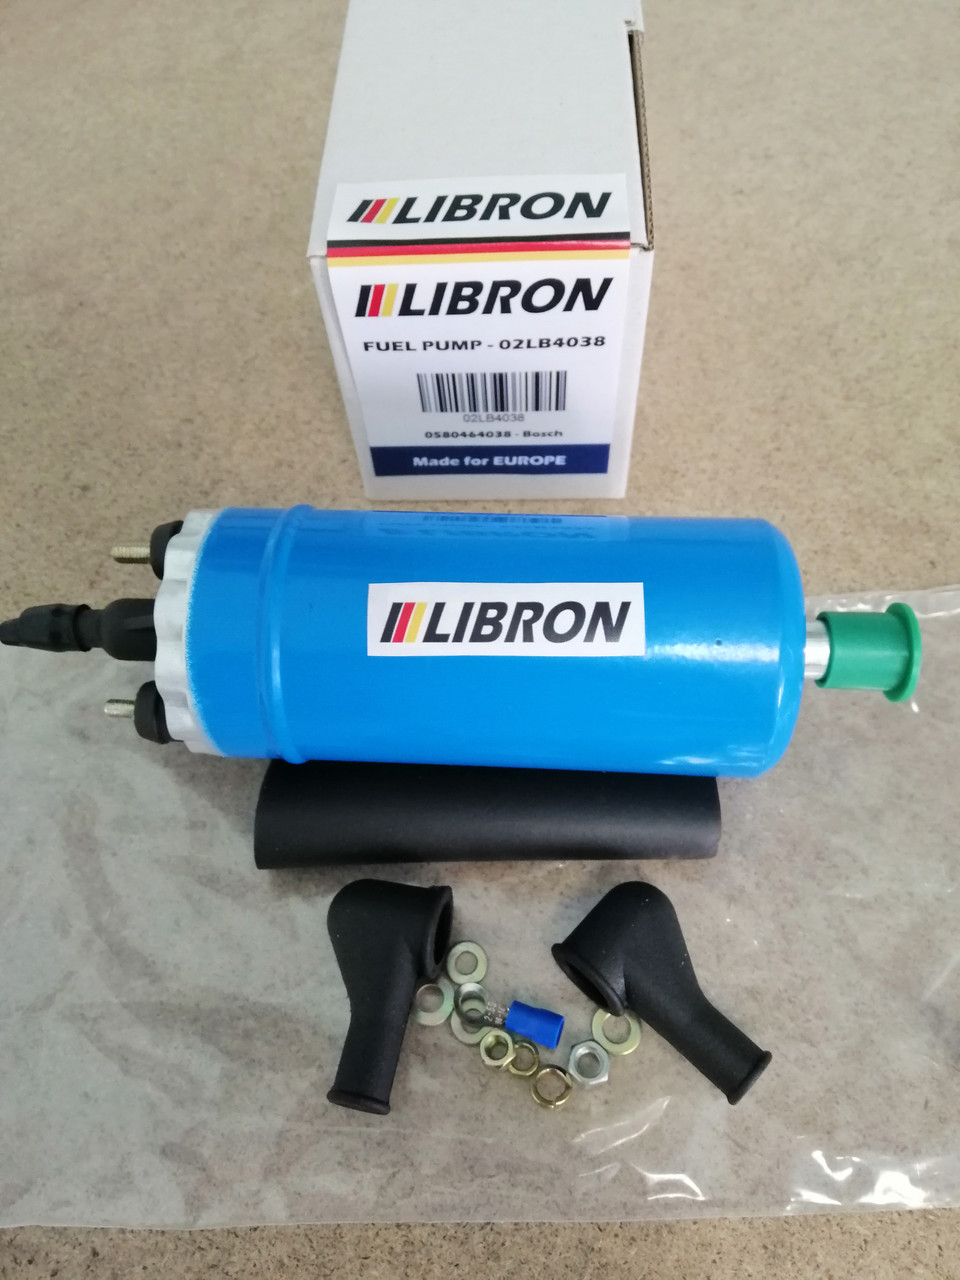 Бензонасос LIBRON 02LB4038 - Пежо 405 II Break (4E) 1.8 (1992-1996)